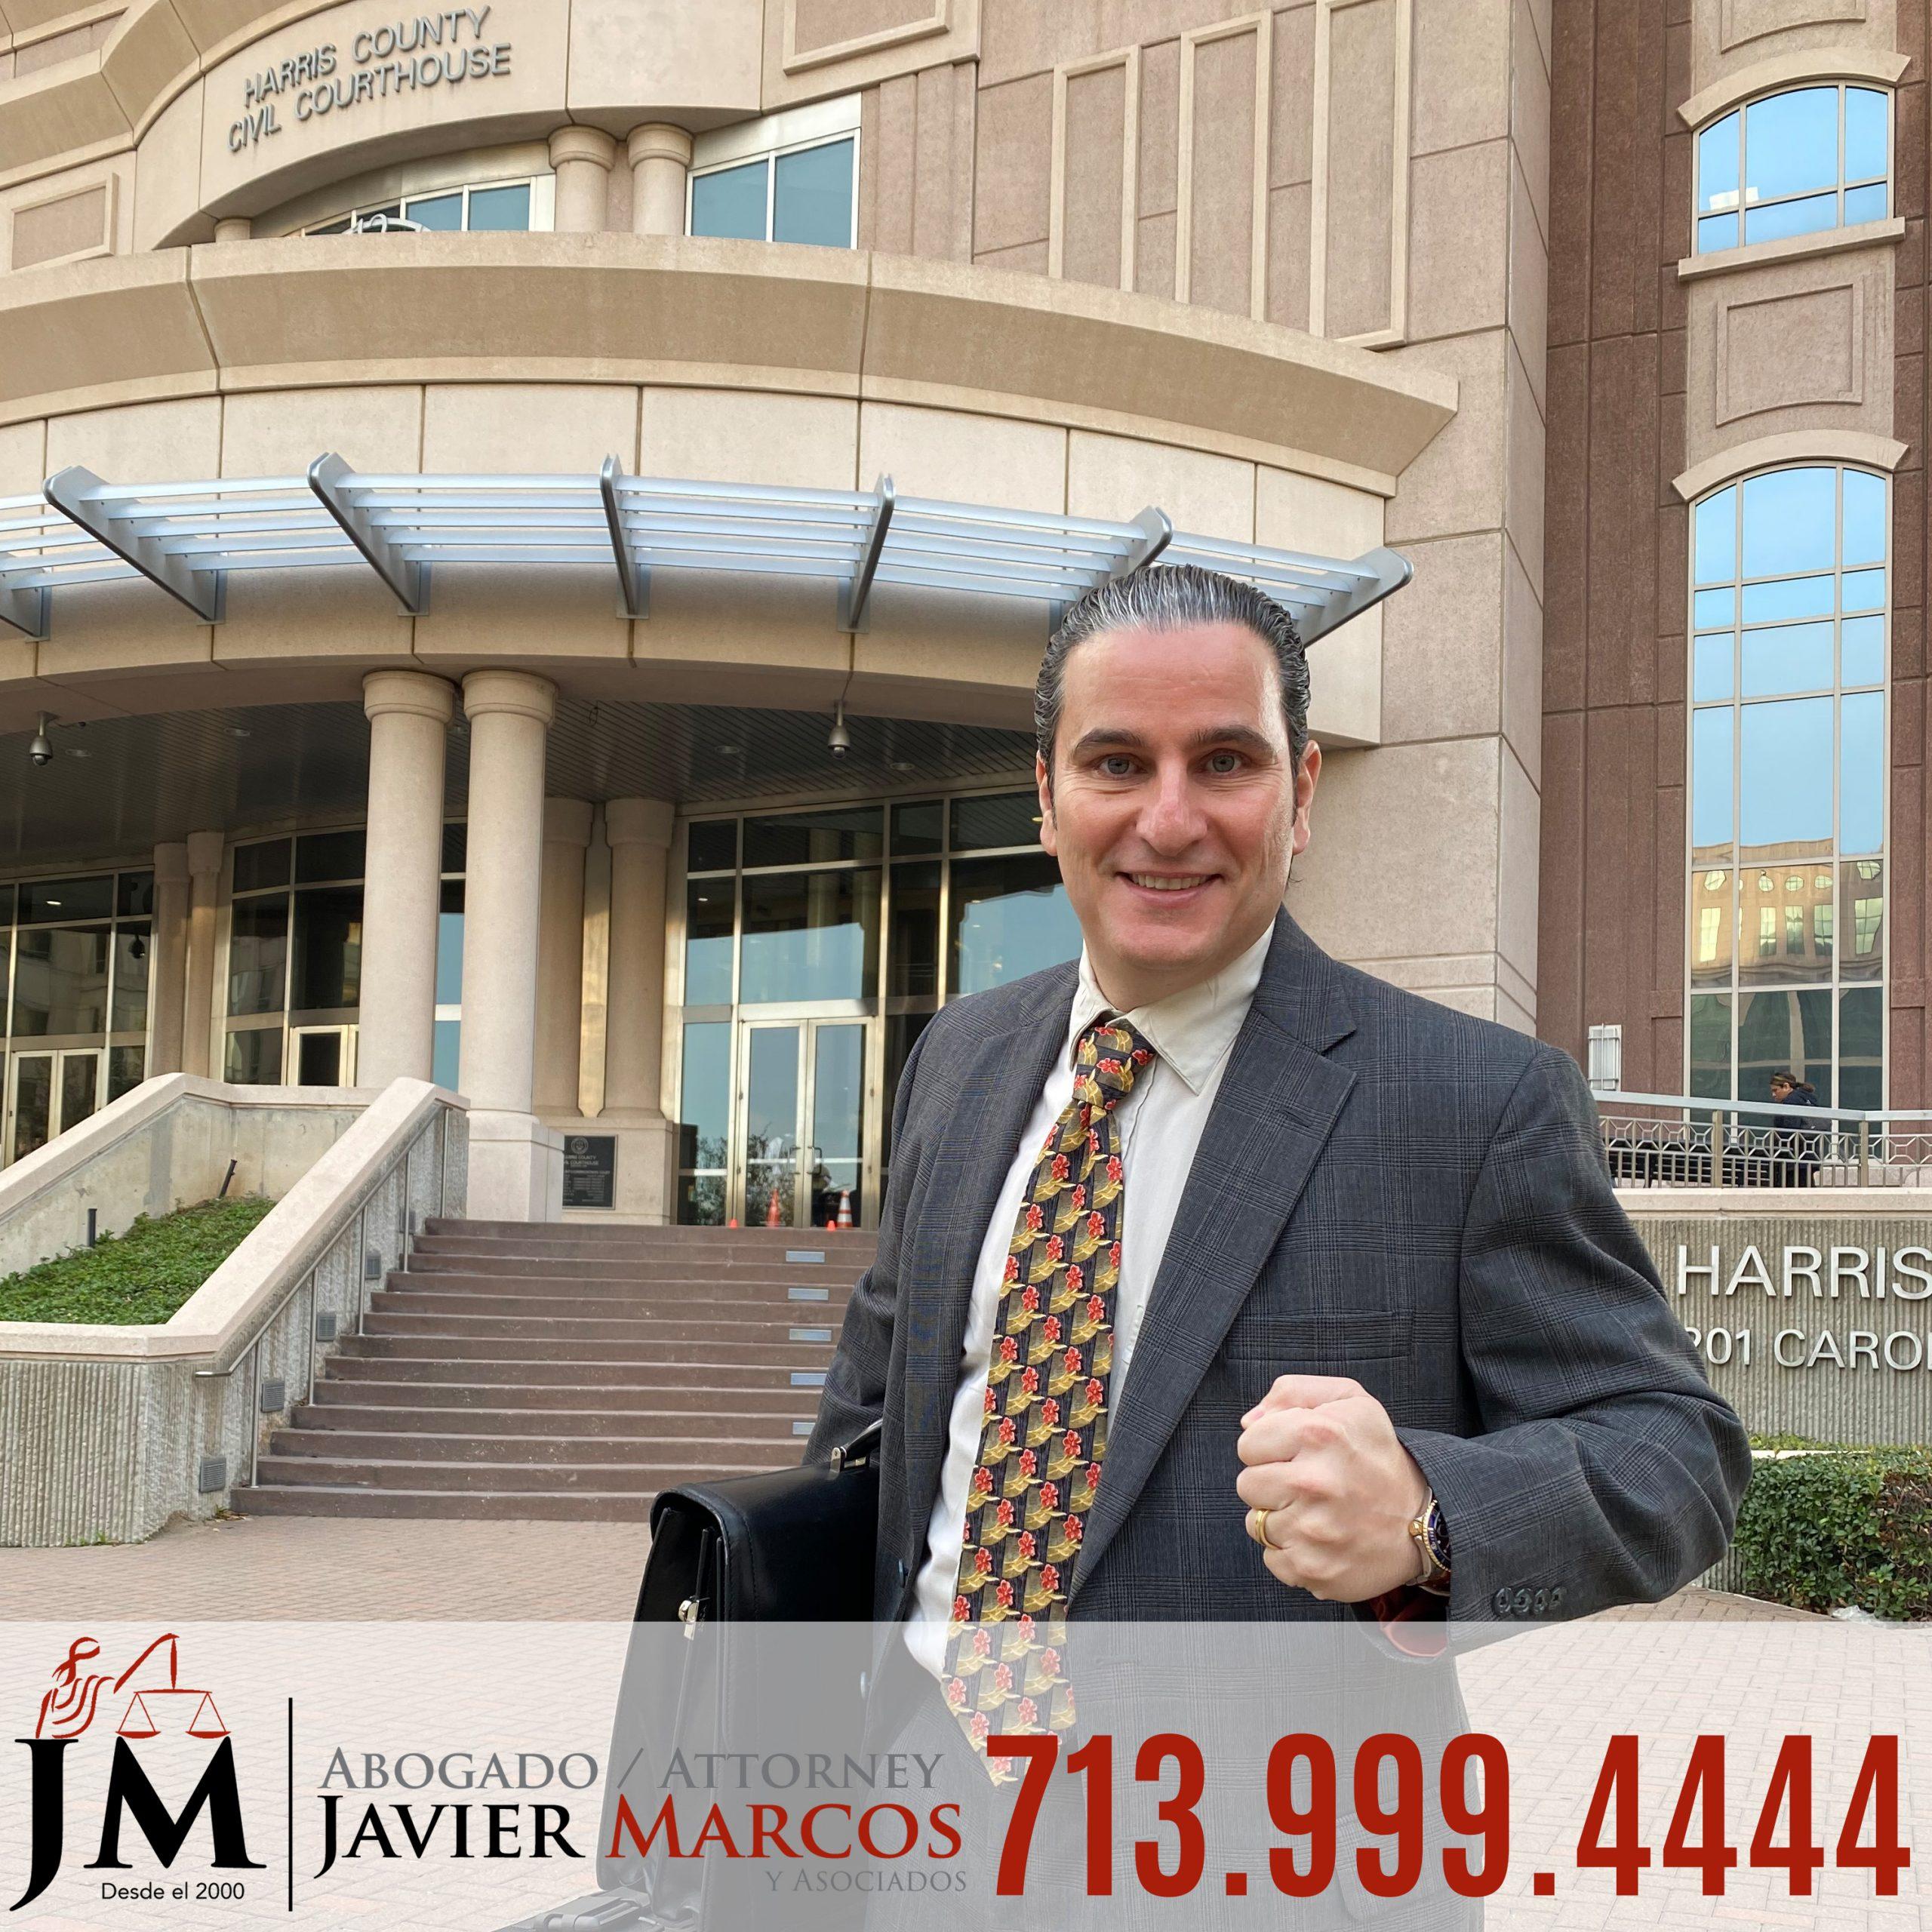 Abogado para Lesiones Personales | Abogado Javier Marcos | 713.999.4444